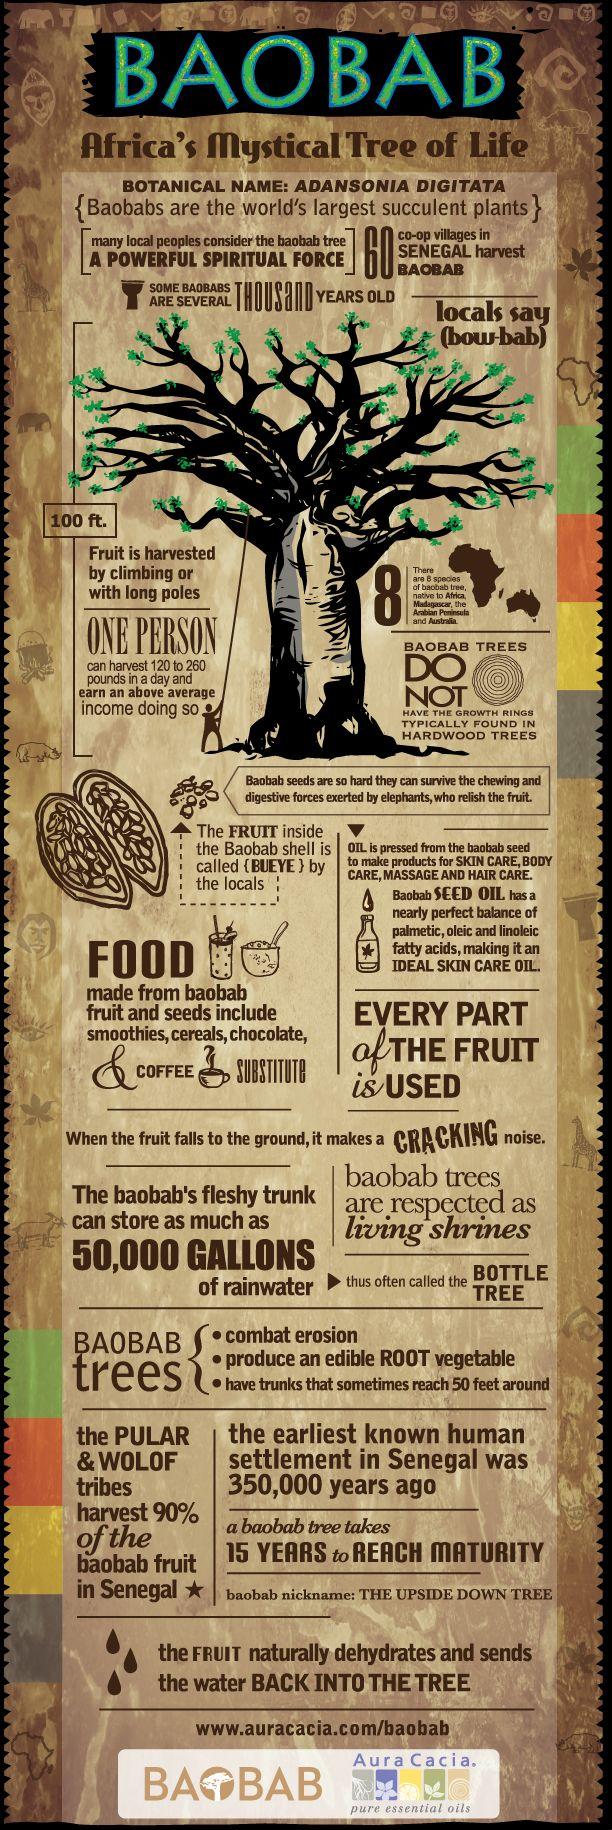 Awesome promo @AuraCacia on the Baobab oil [Adansonia digitata]. #skincare